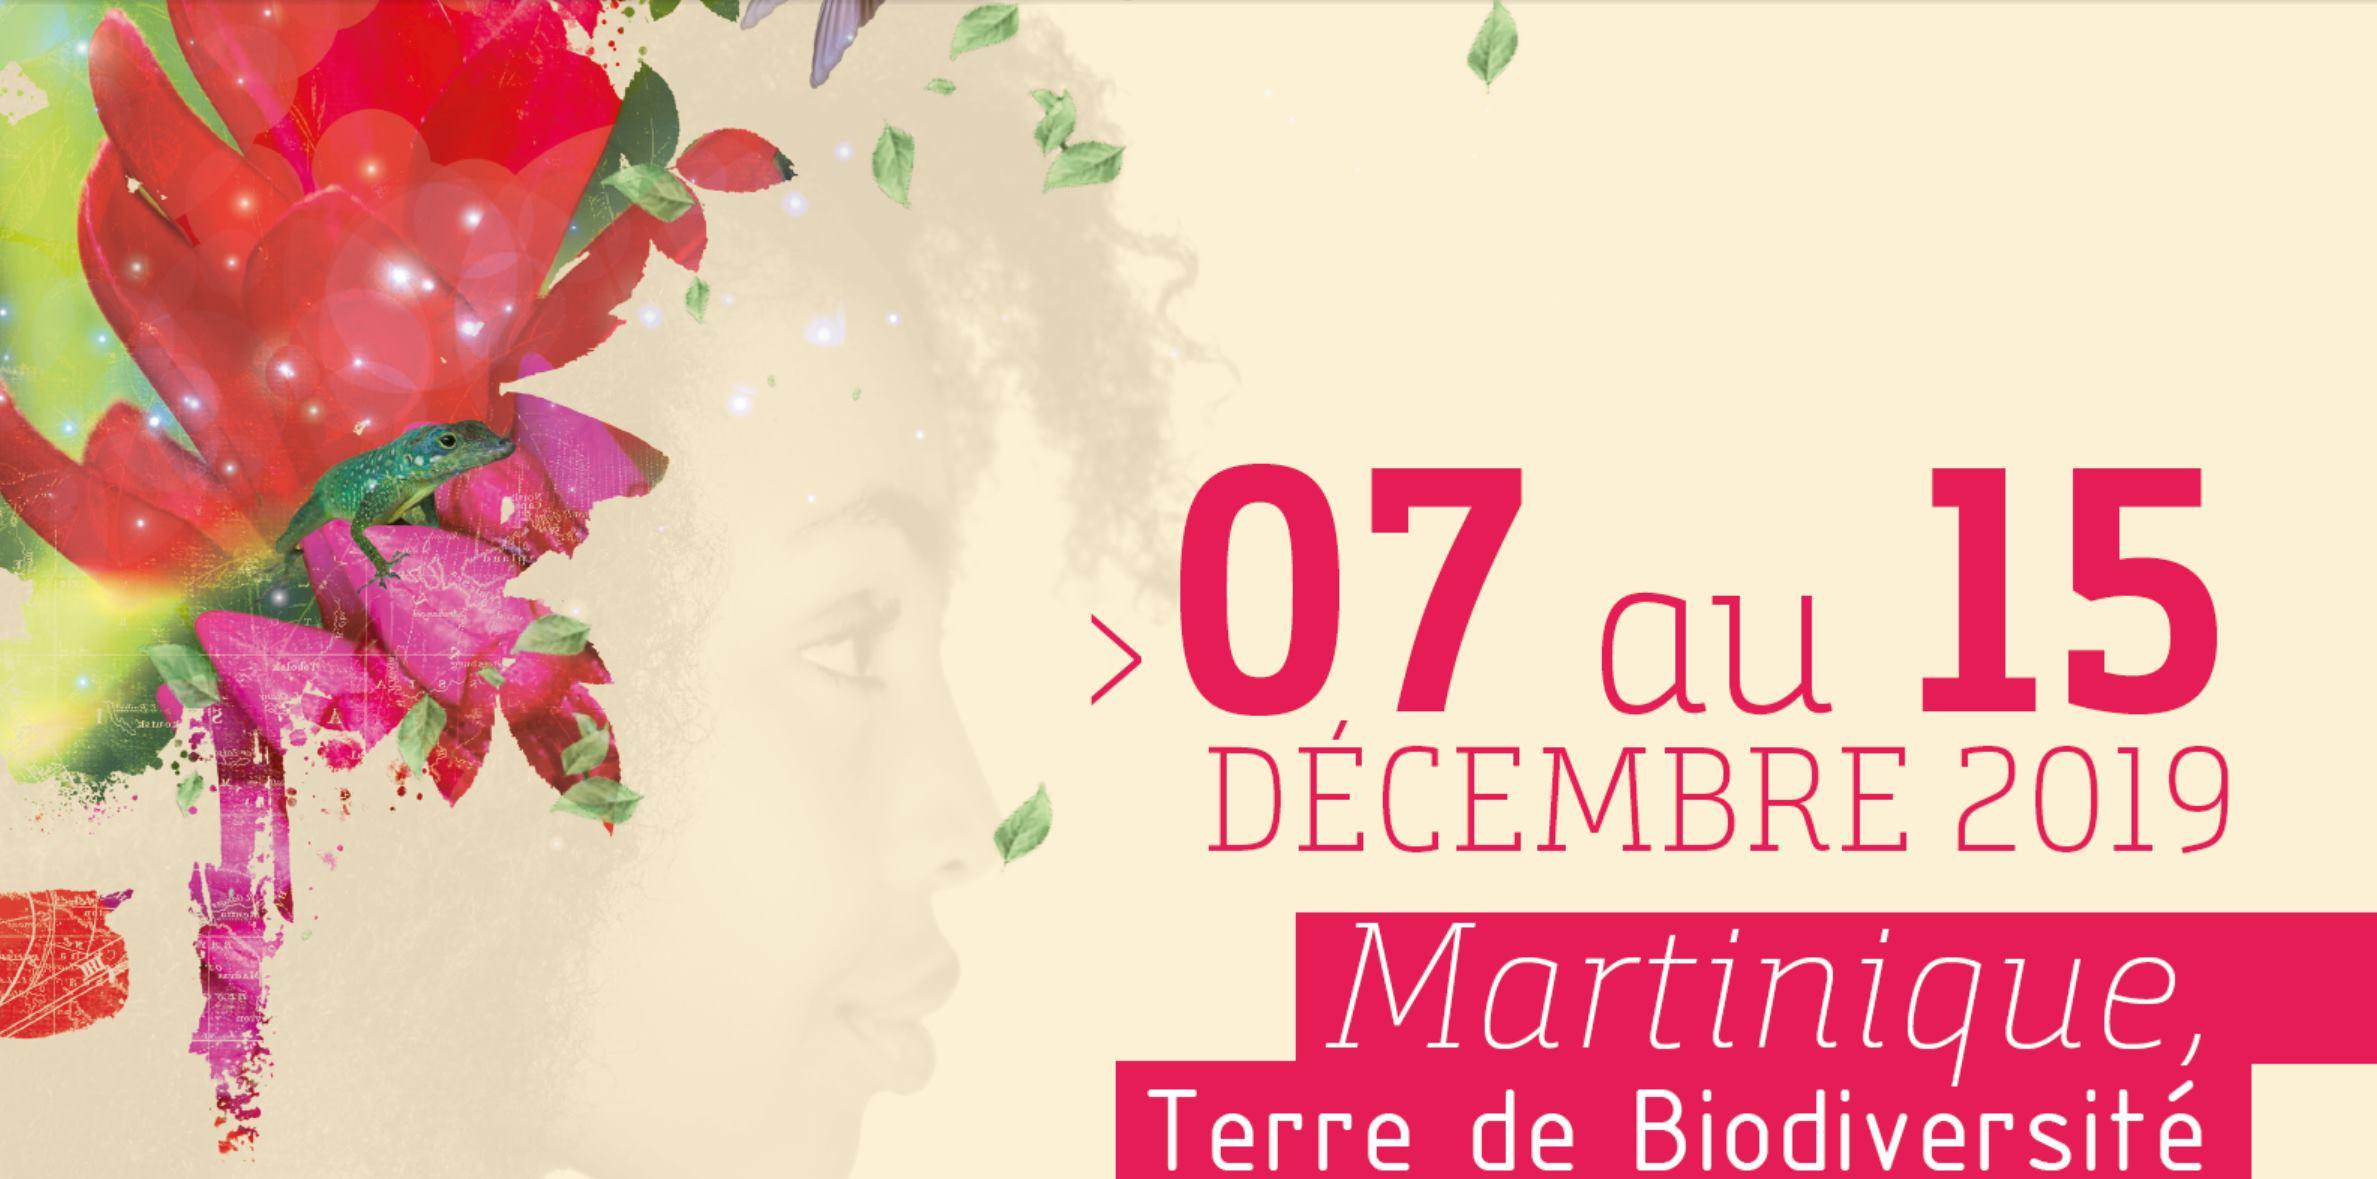 4èmes Floralies Internationales de la Martinique : Les Trois-Ilets, capitale du monde floral pendant une semaine